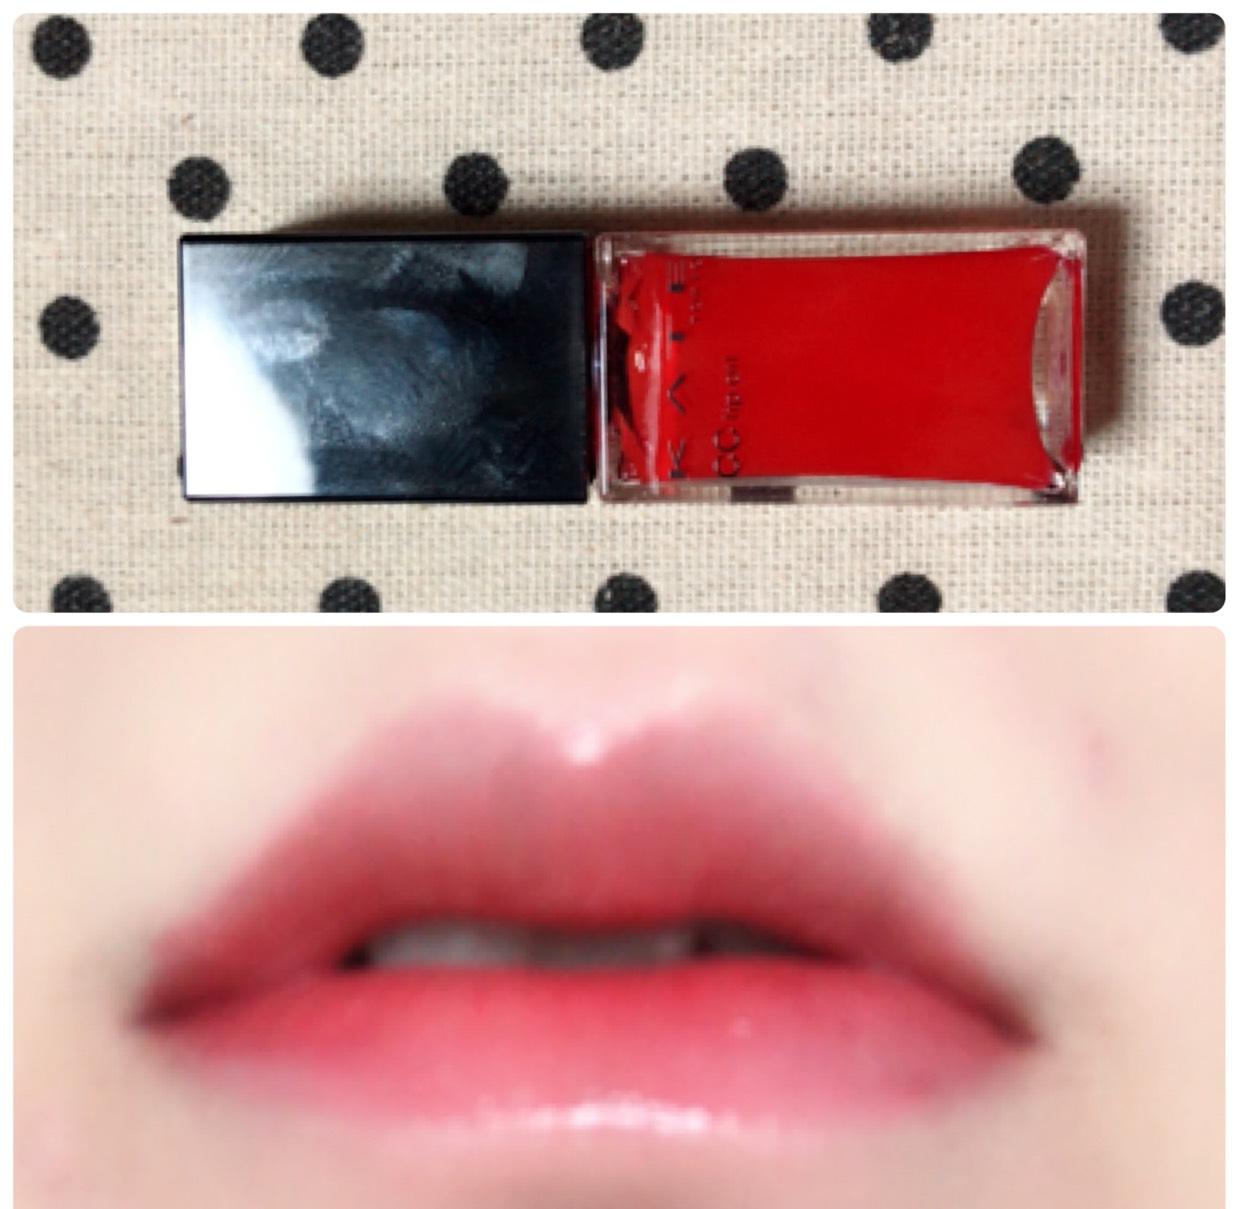 KATEのCCリップオイルを塗って手持ちの赤リップを内側に塗ります。